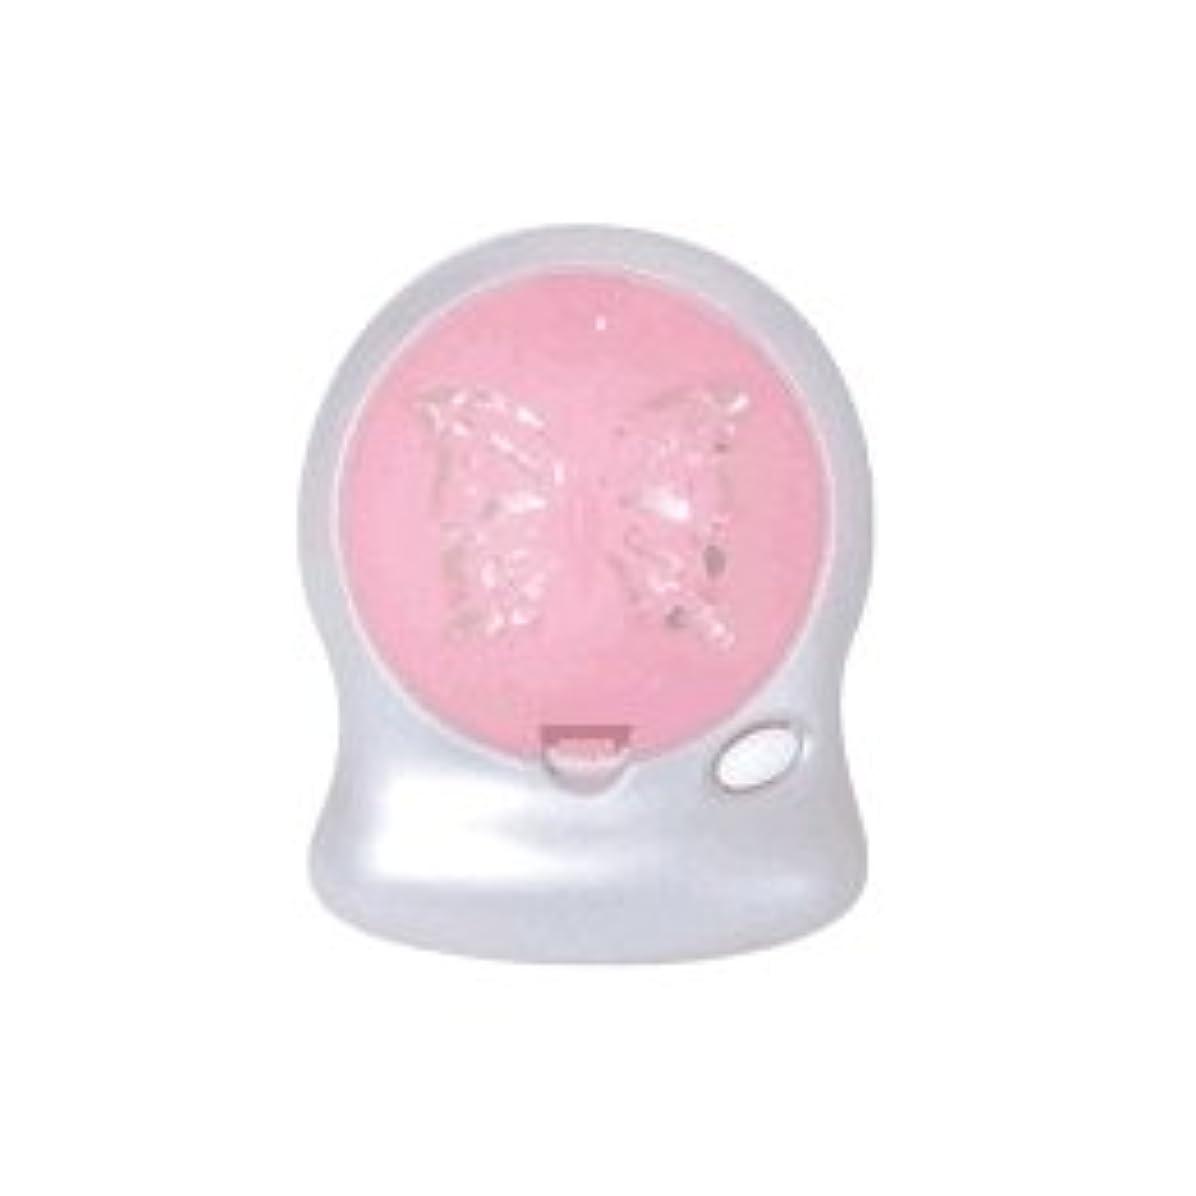 高速道路場合パテアロマブリーズ Nova t Jill (蝶柄) ピンク オフタイマー付モバイルファン式芳香器